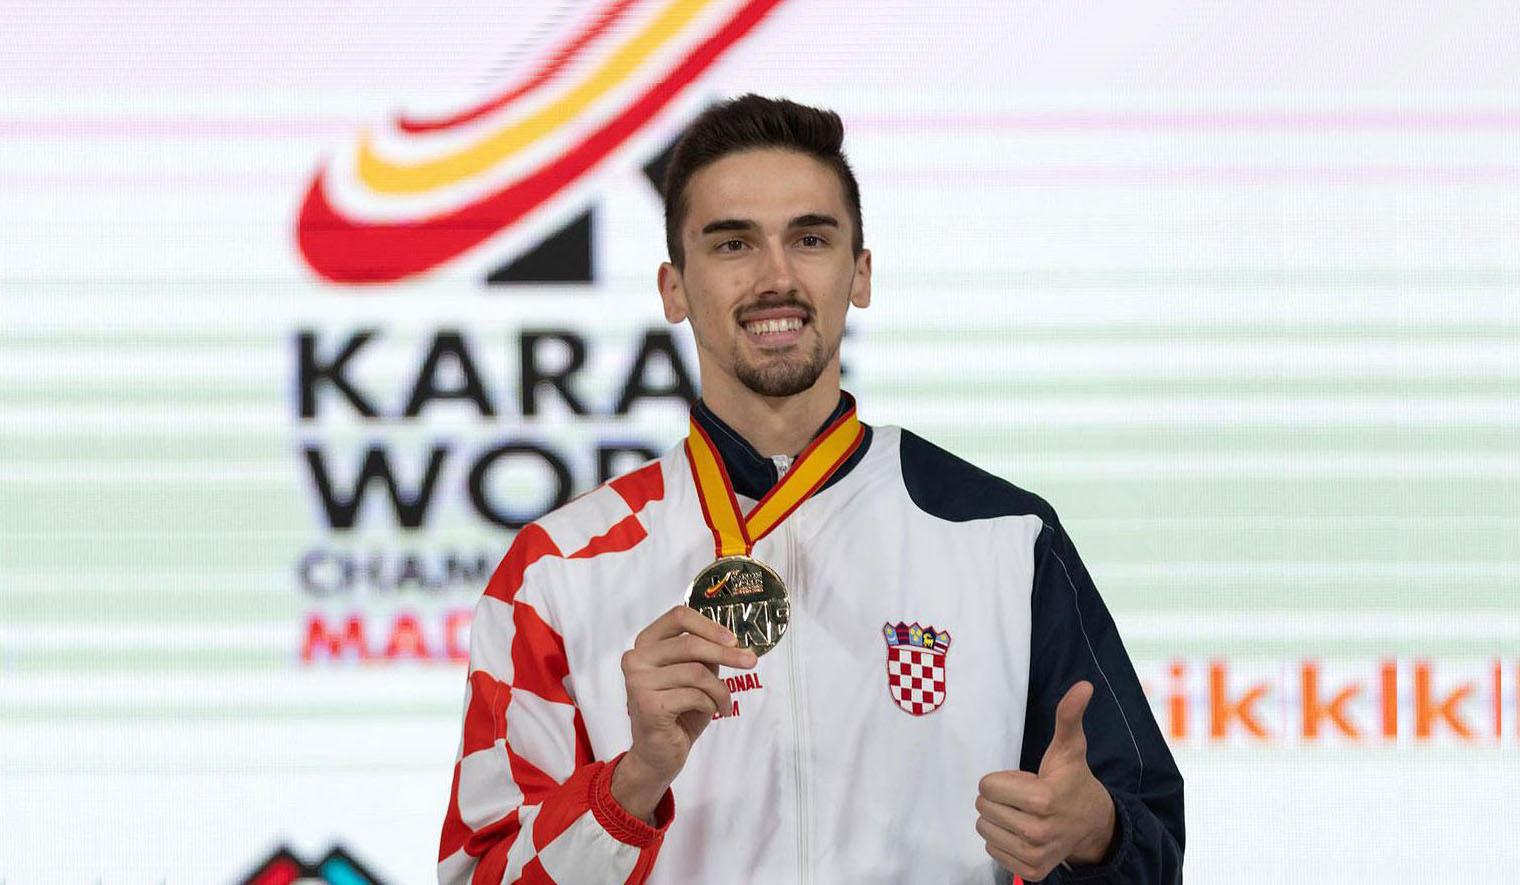 Svjetskom prvaku Ivanu Kvesiću ne uplaćuju stipendiju